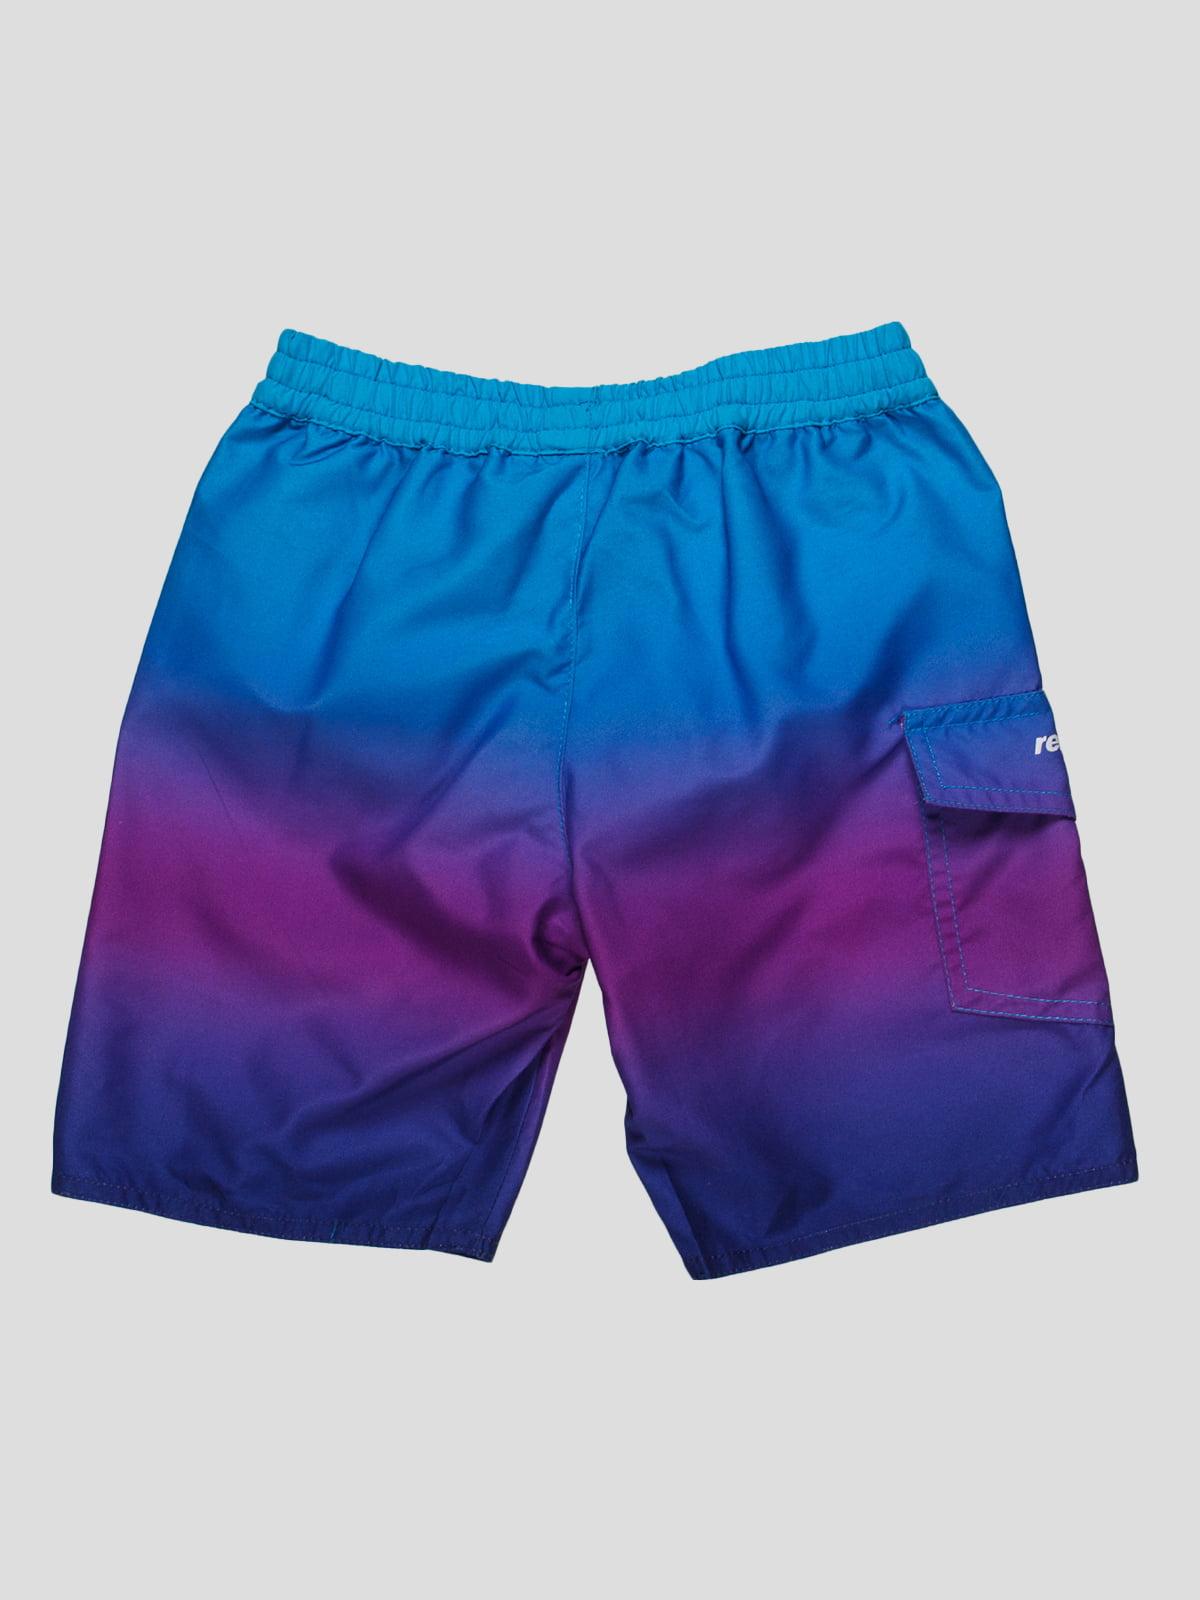 Шорти бірюзово-фіолетові пляжні | 81401 | фото 2